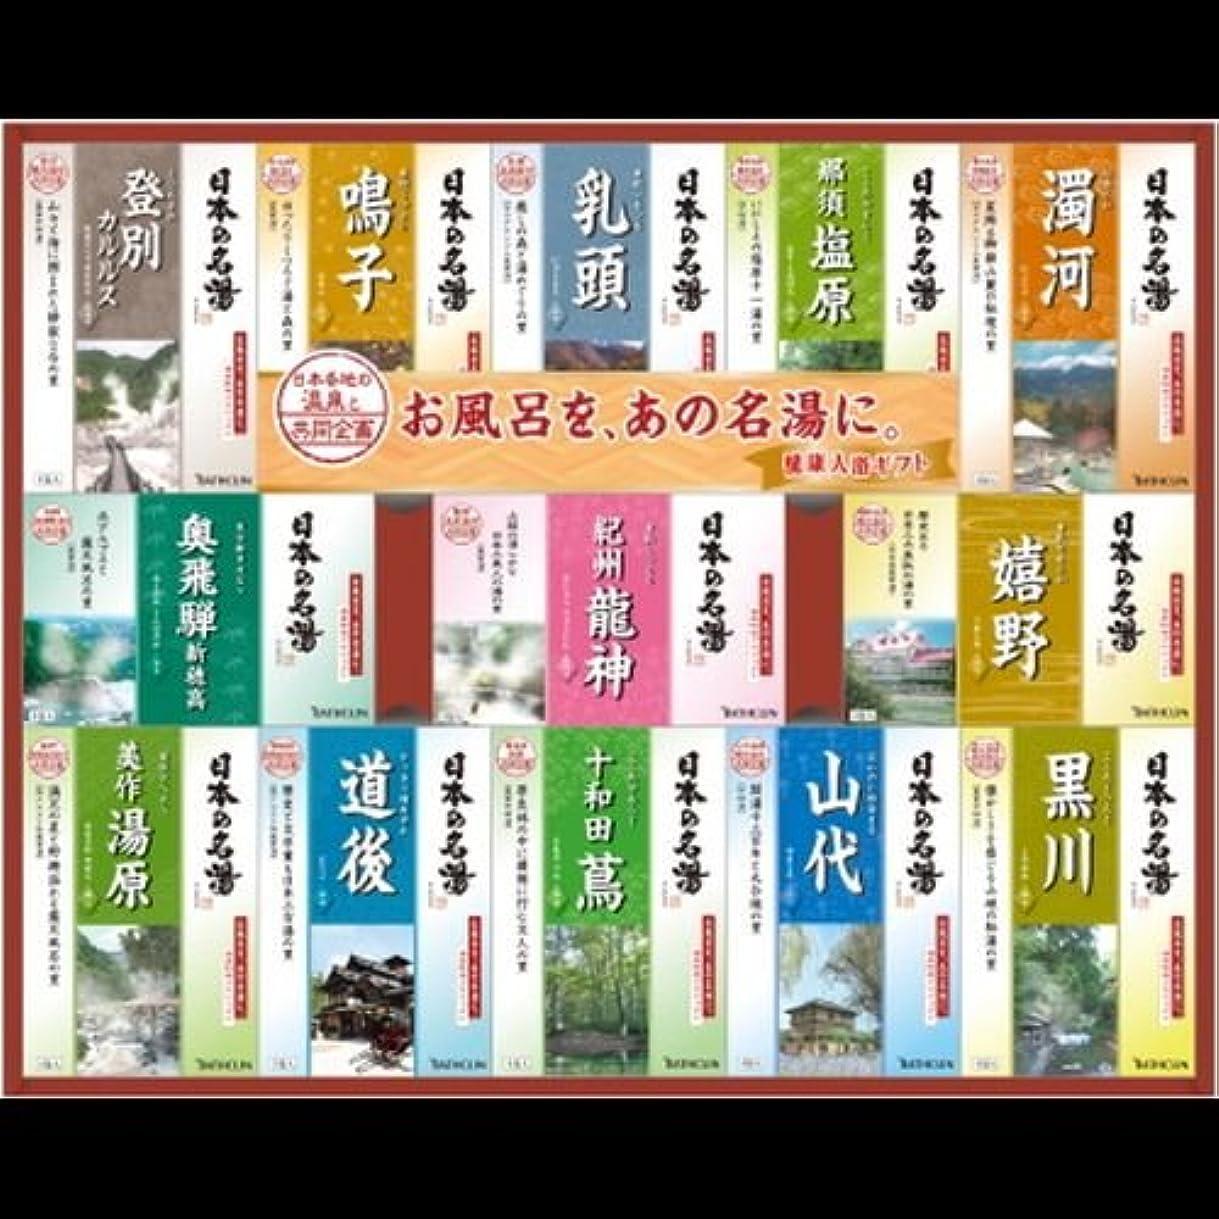 アナニバーかび臭いイヤホン【まとめ買い】日本の名湯ギフト NMG-50F 30g×50包 ×2セット